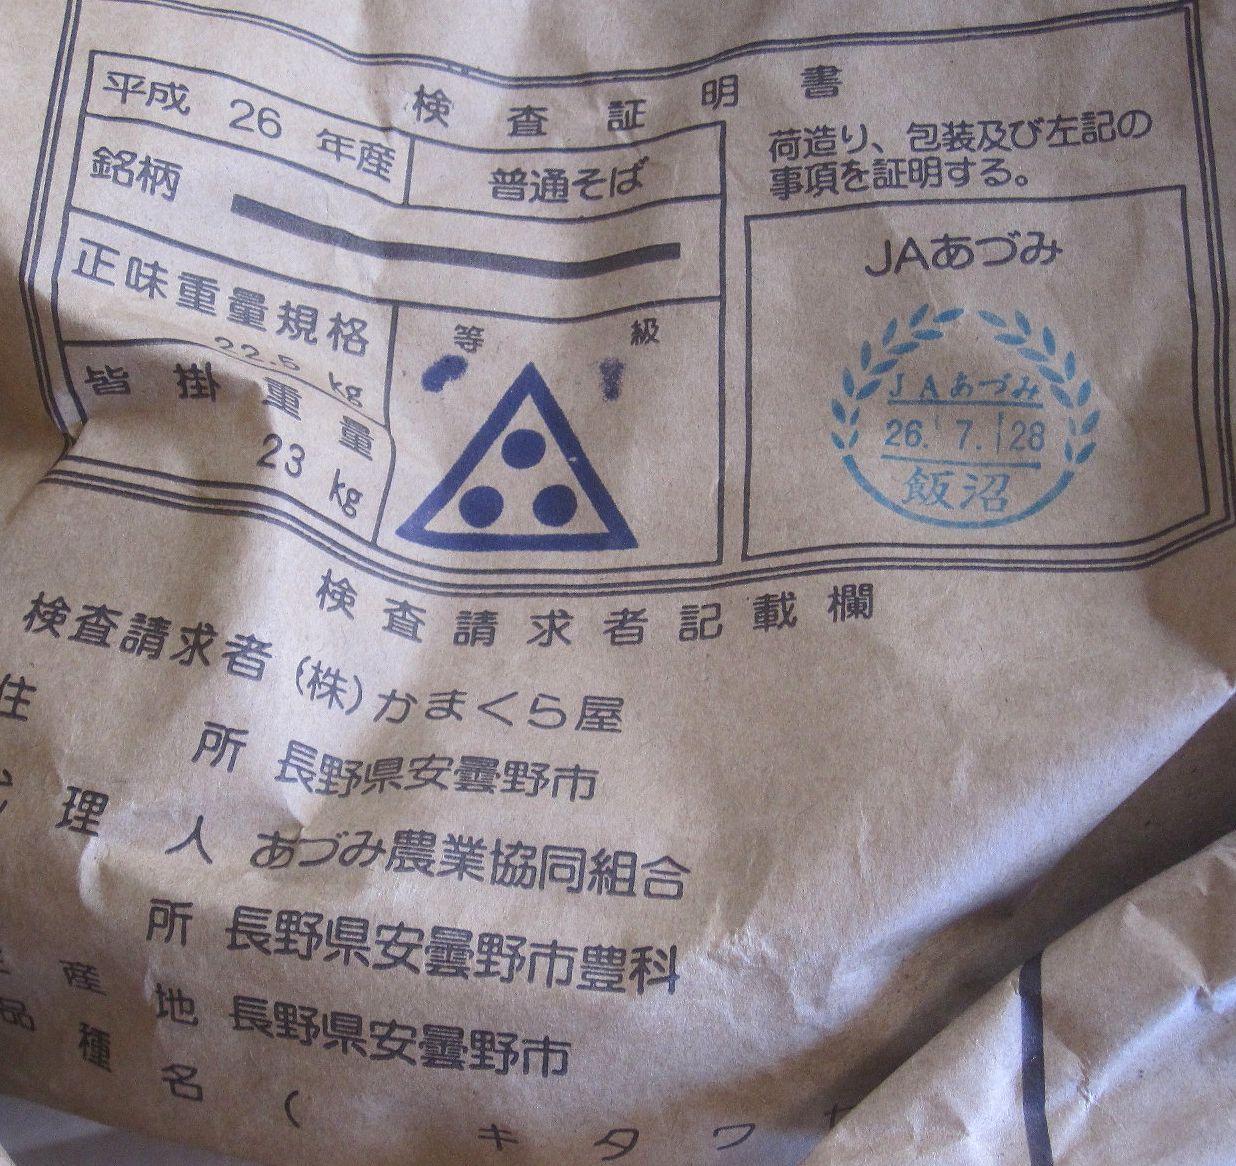 小木曽製粉所  筑摩店 name=